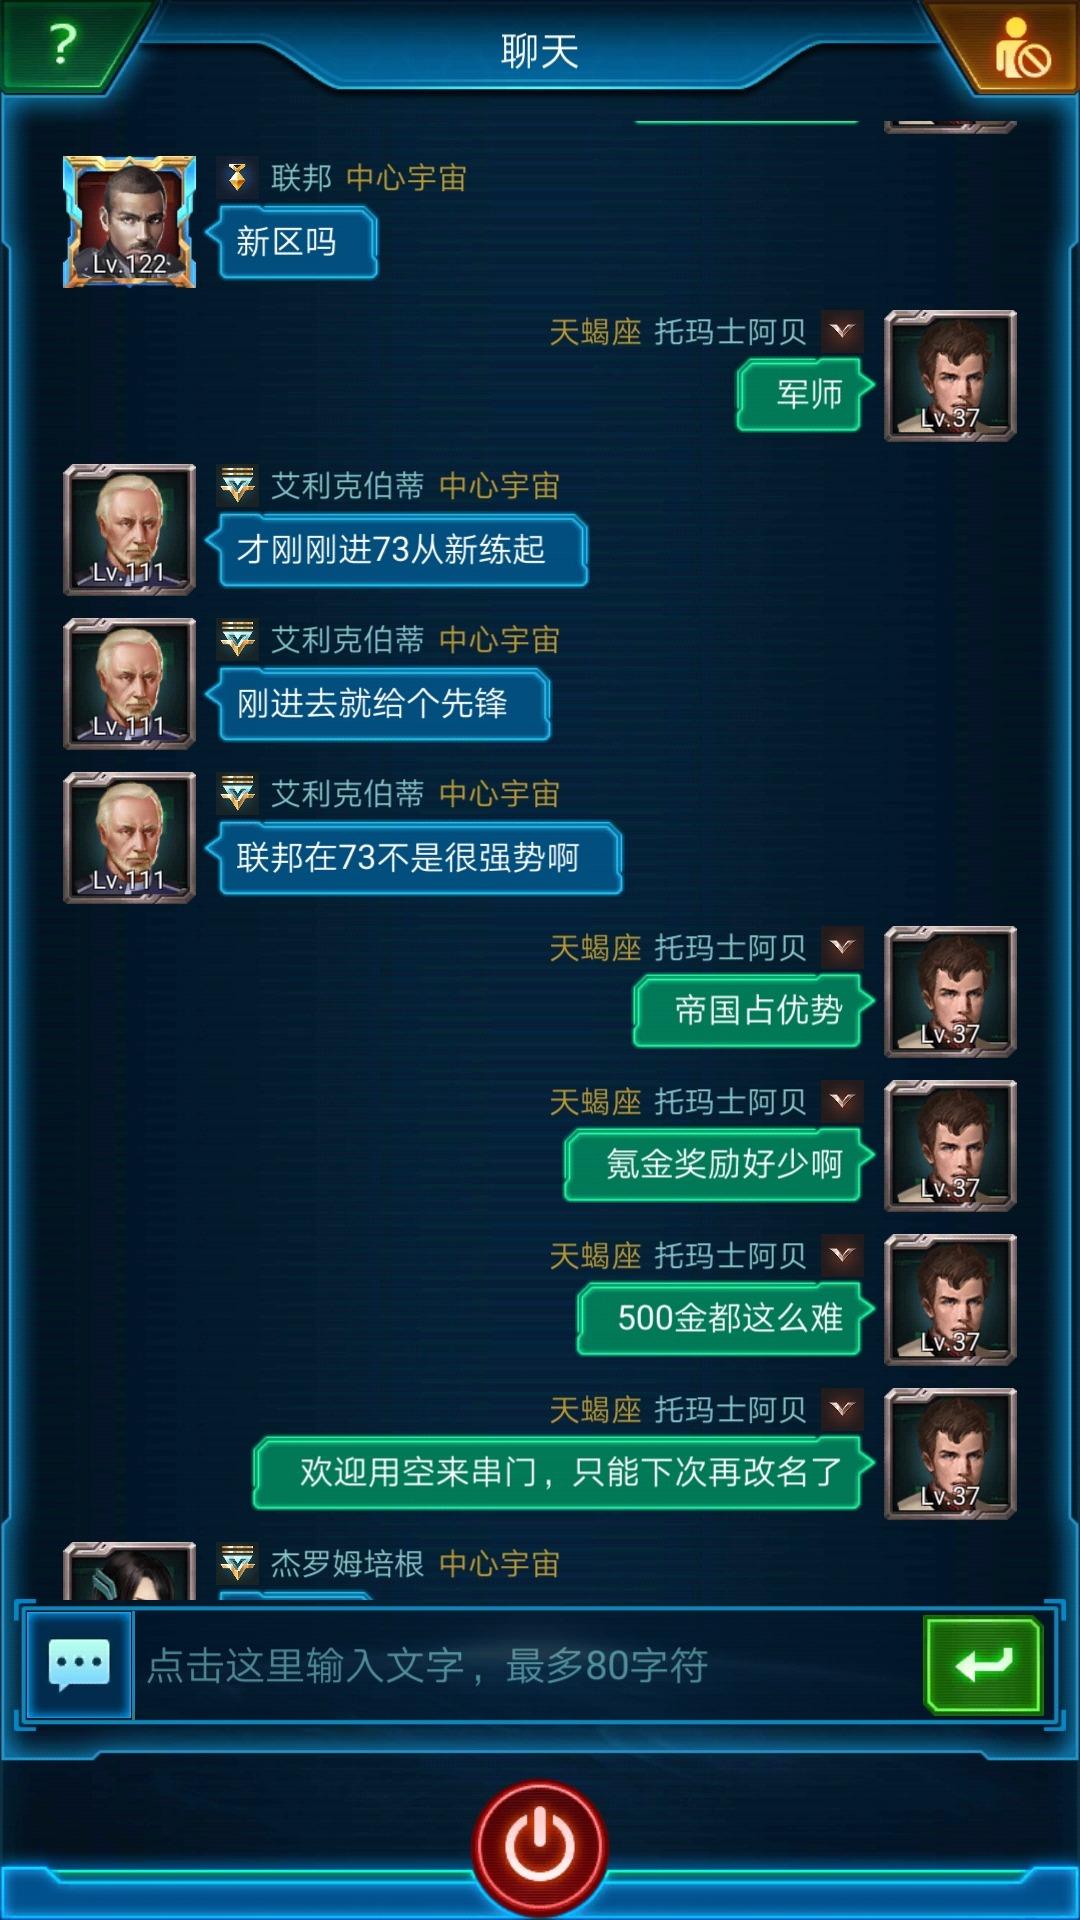 Screenshot_20180831-183122.jpg